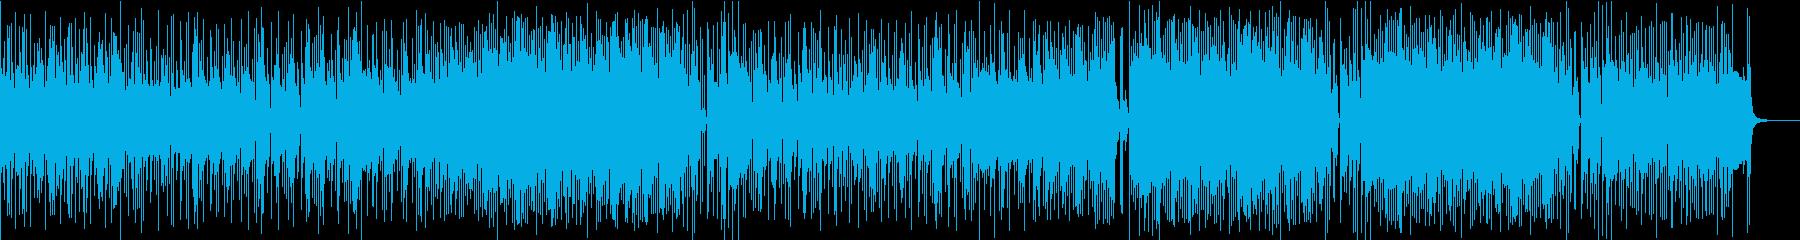 高鳴る気持ちを伝える爽やかなロックの再生済みの波形